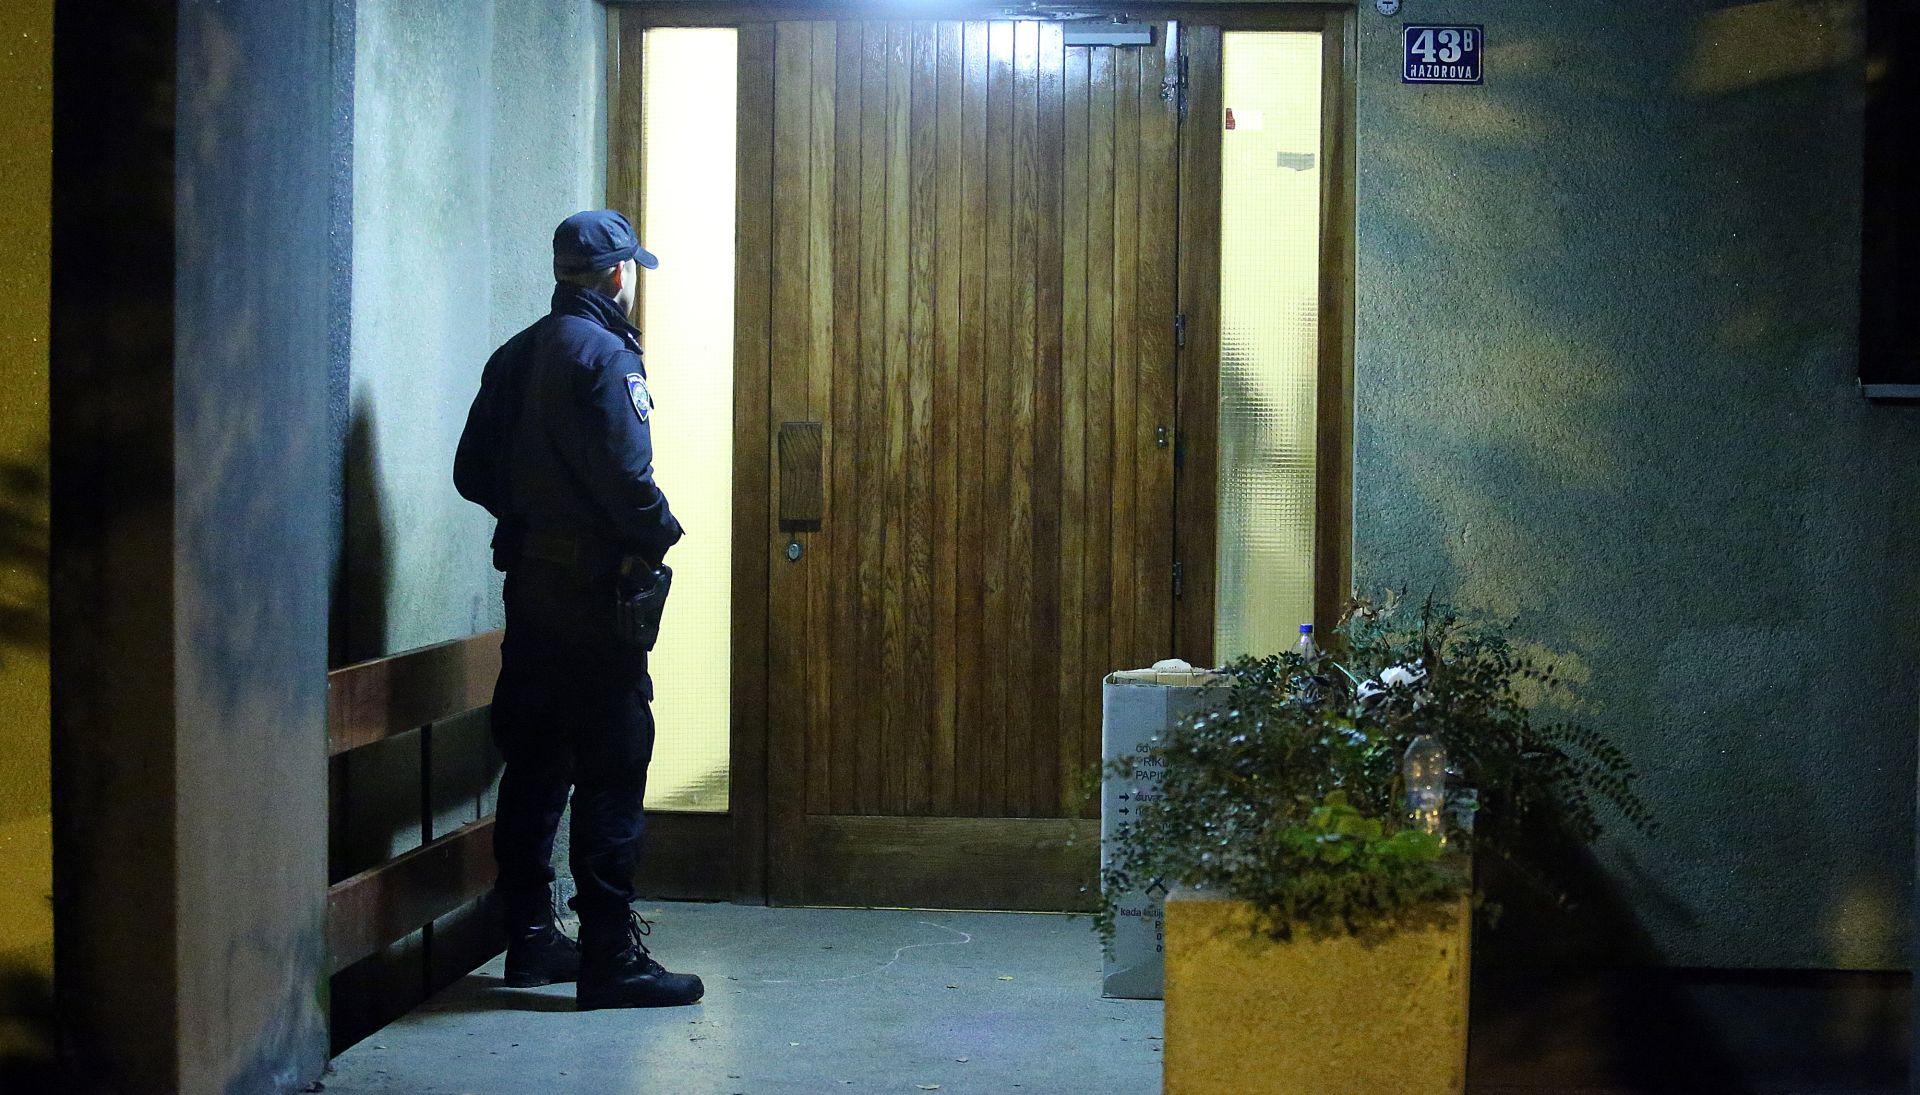 UBOJSTVO U ZAGREBU: Pronađen mrtav 85-godišnjak, vjerojatno nasilna smrt